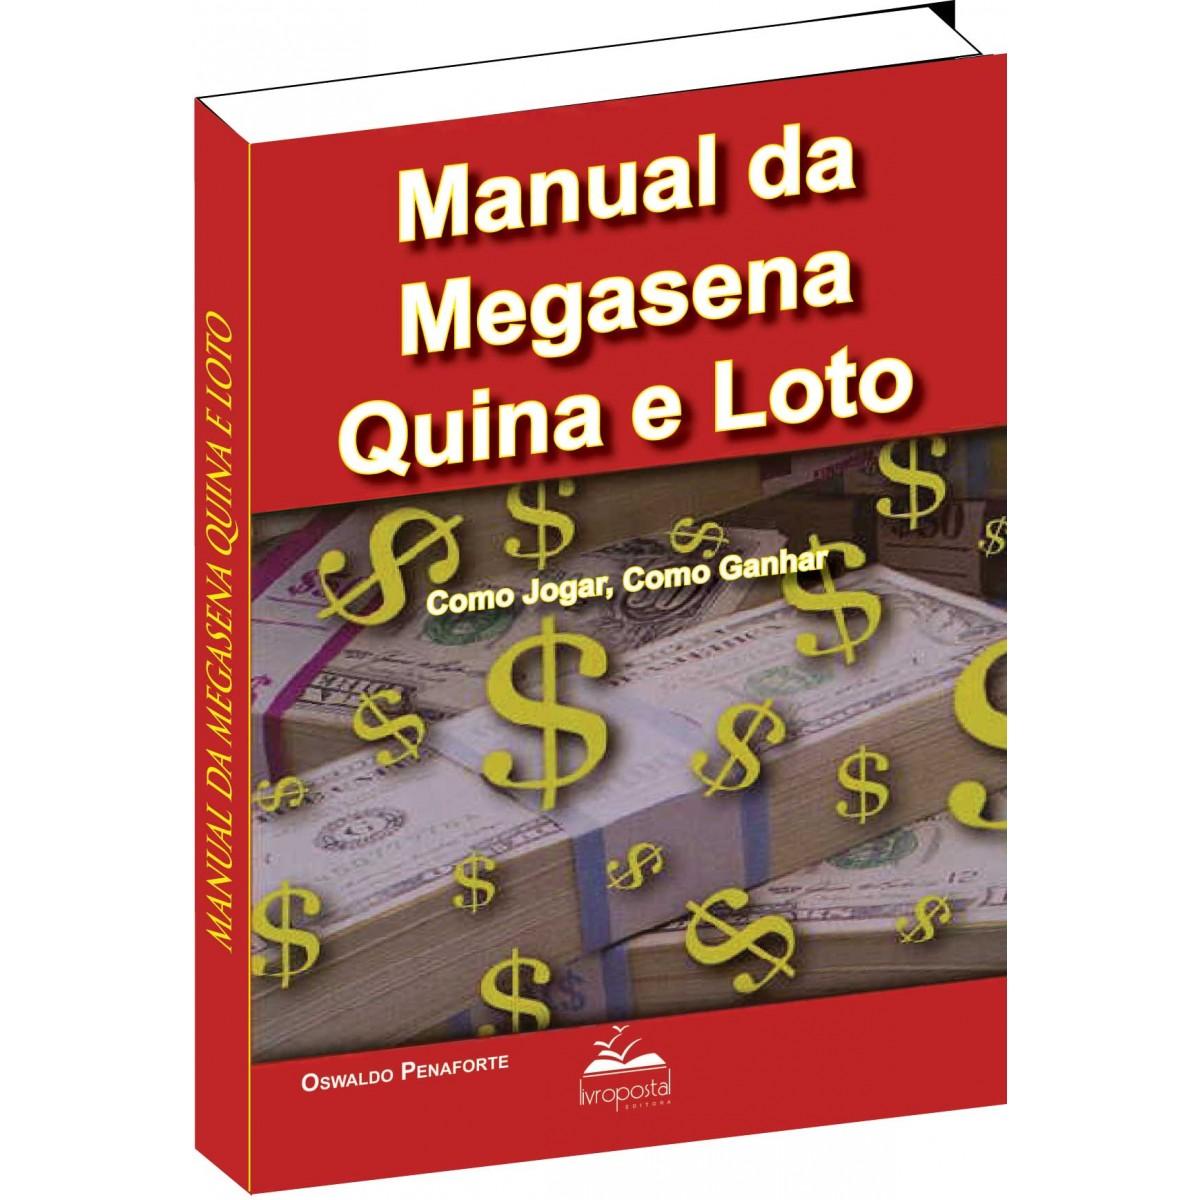 Livro da Megasena, Quina e Loto, como jogar, como ganhar  - Livropostal Editora